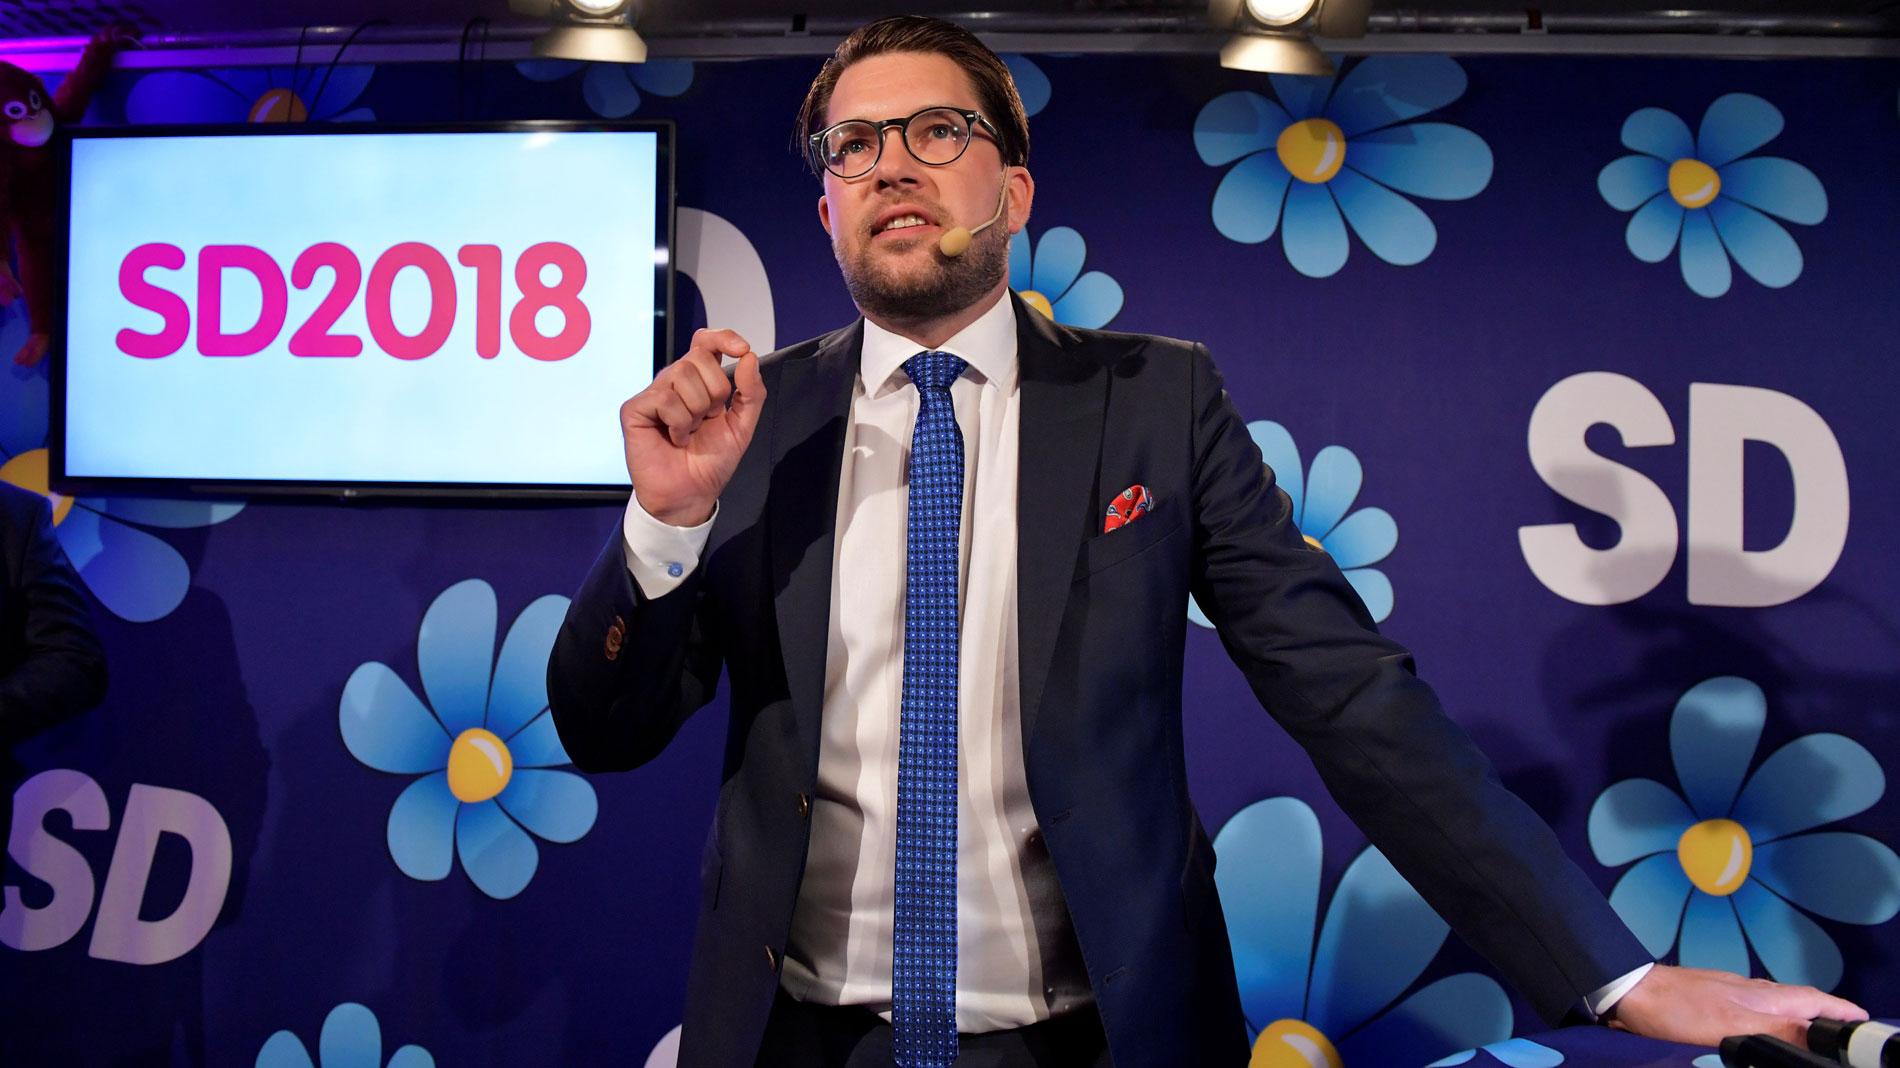 El ascenso del ultraderechista SD en las elecciones en Suecia lo convierte en clave para formar Gobierno